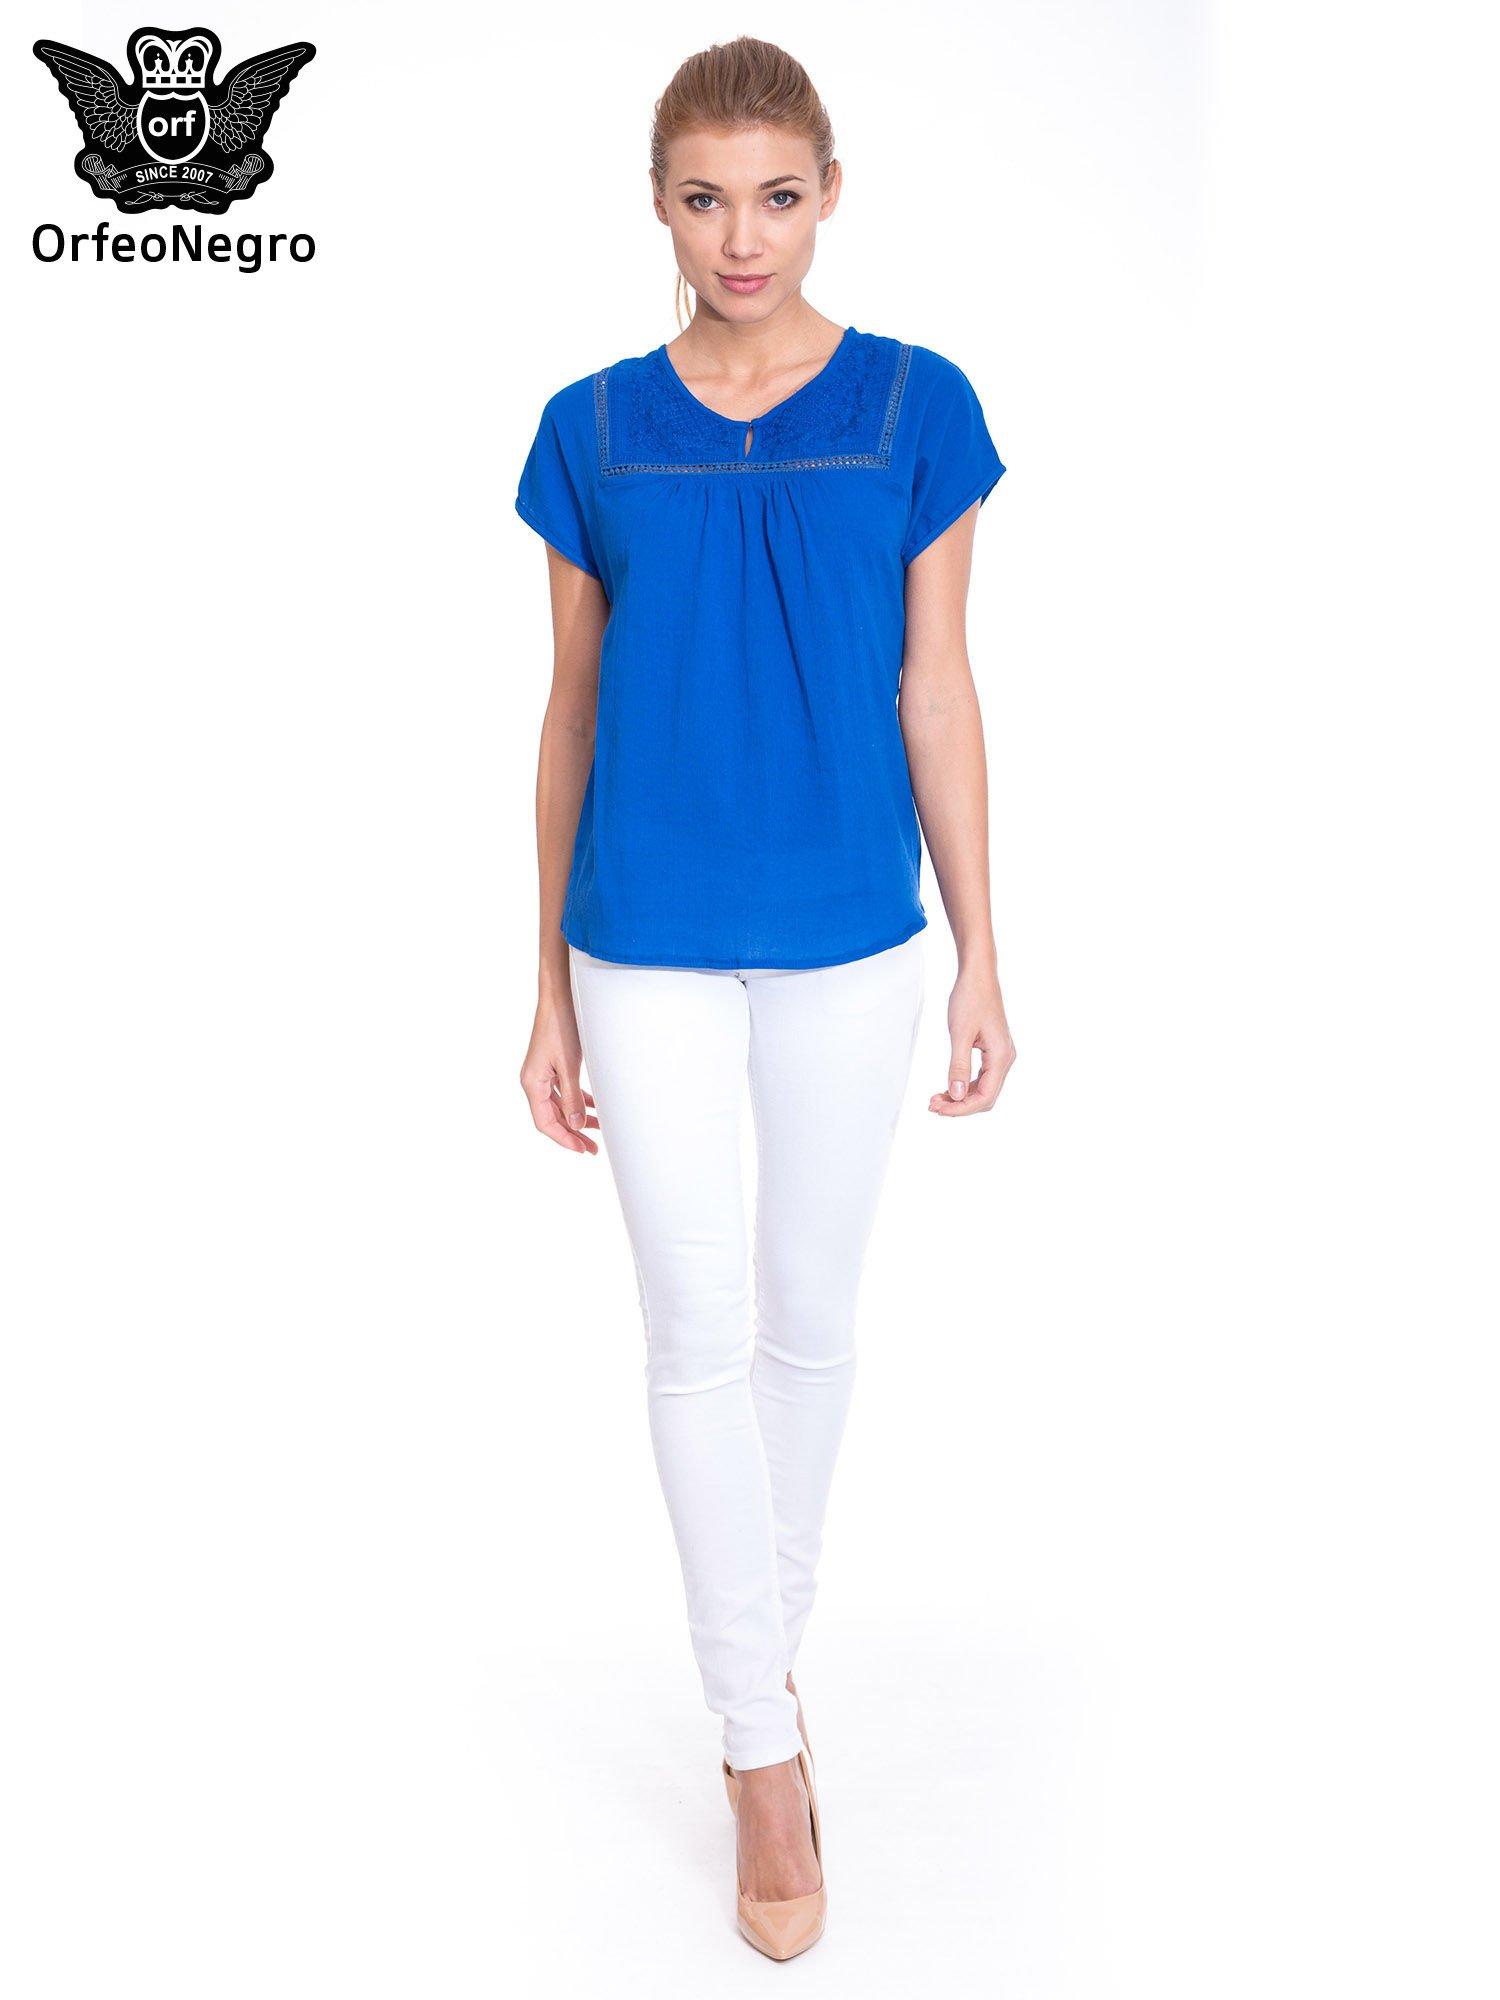 Niebieska bluzka koszulowa z haftem i ażurowaniem przy dekolcie                                  zdj.                                  2